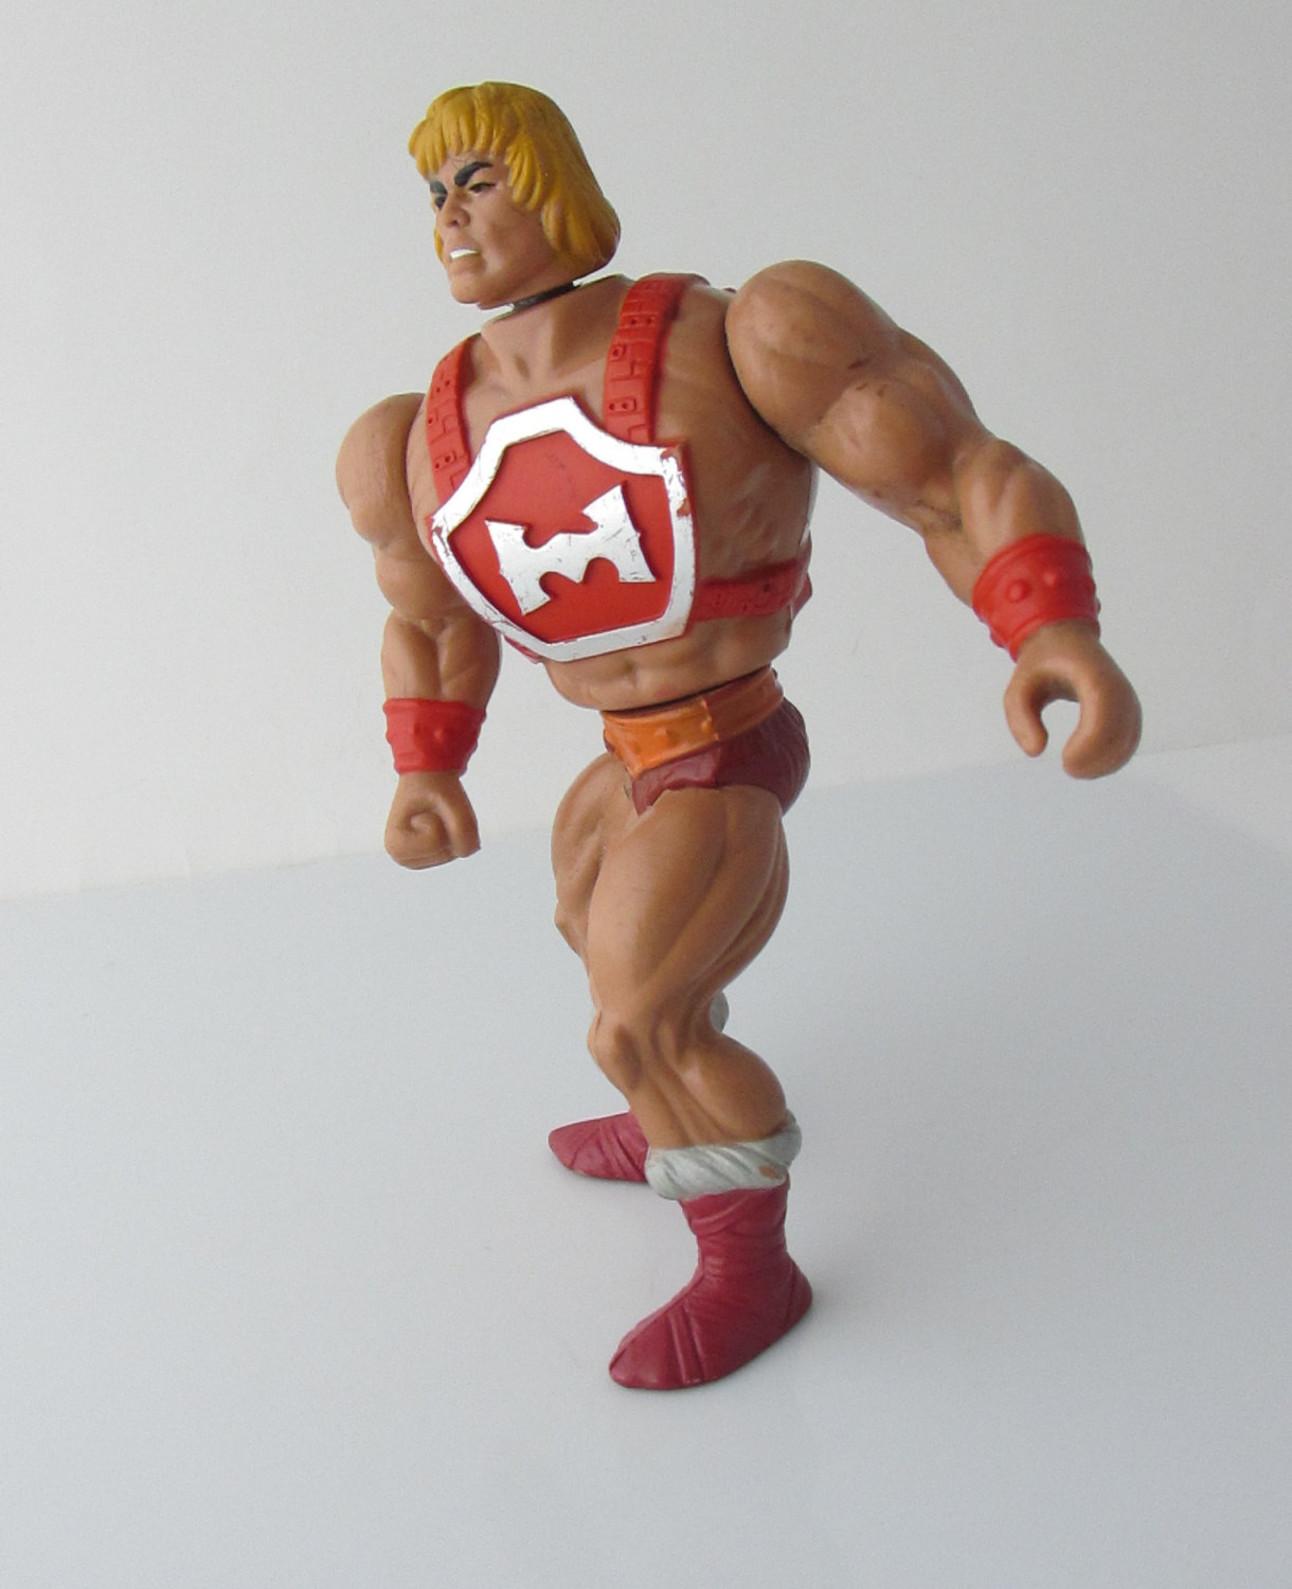 Thunder_Punch_He_Man.jpg